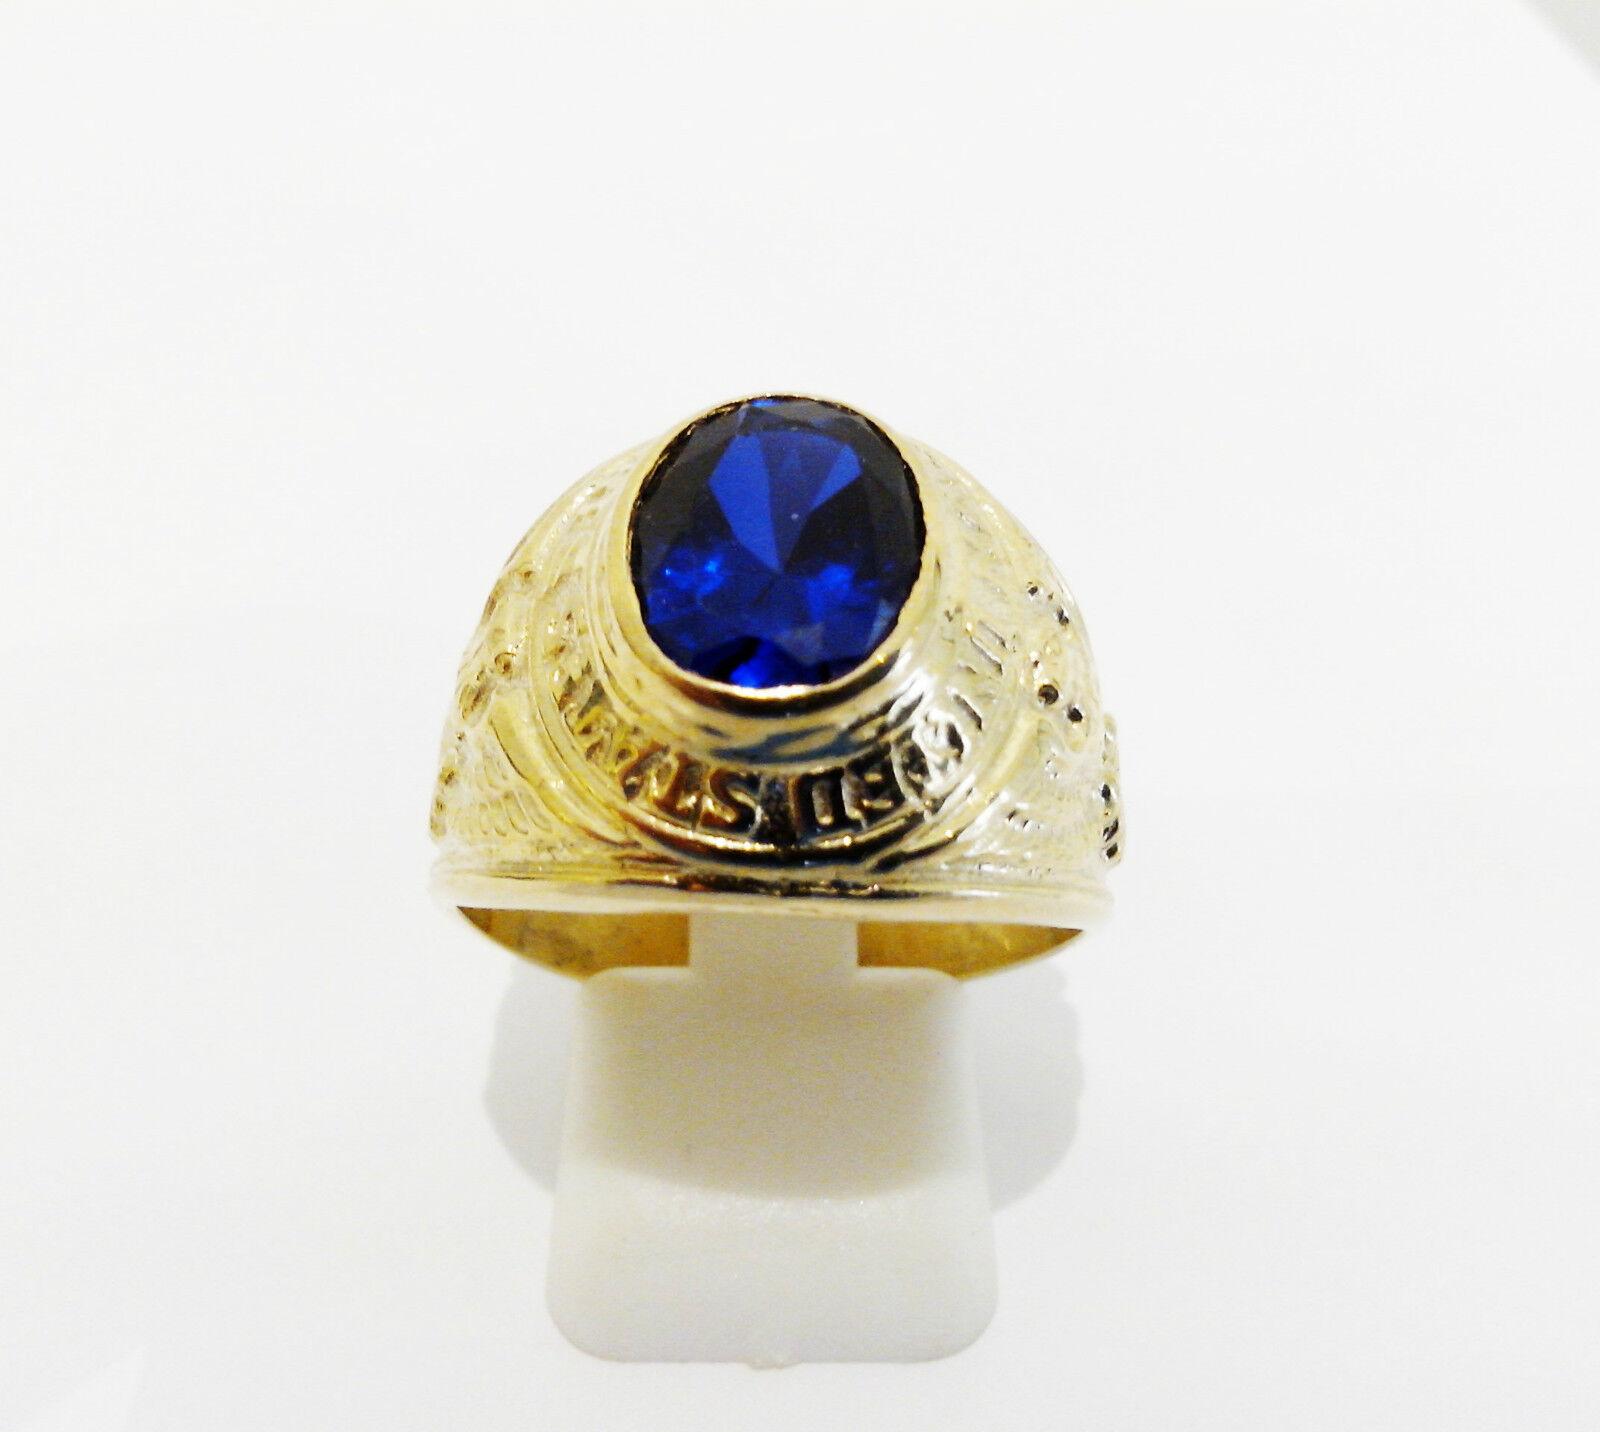 Bague chevalière universitaire or yellow 375 1000 pierre blue